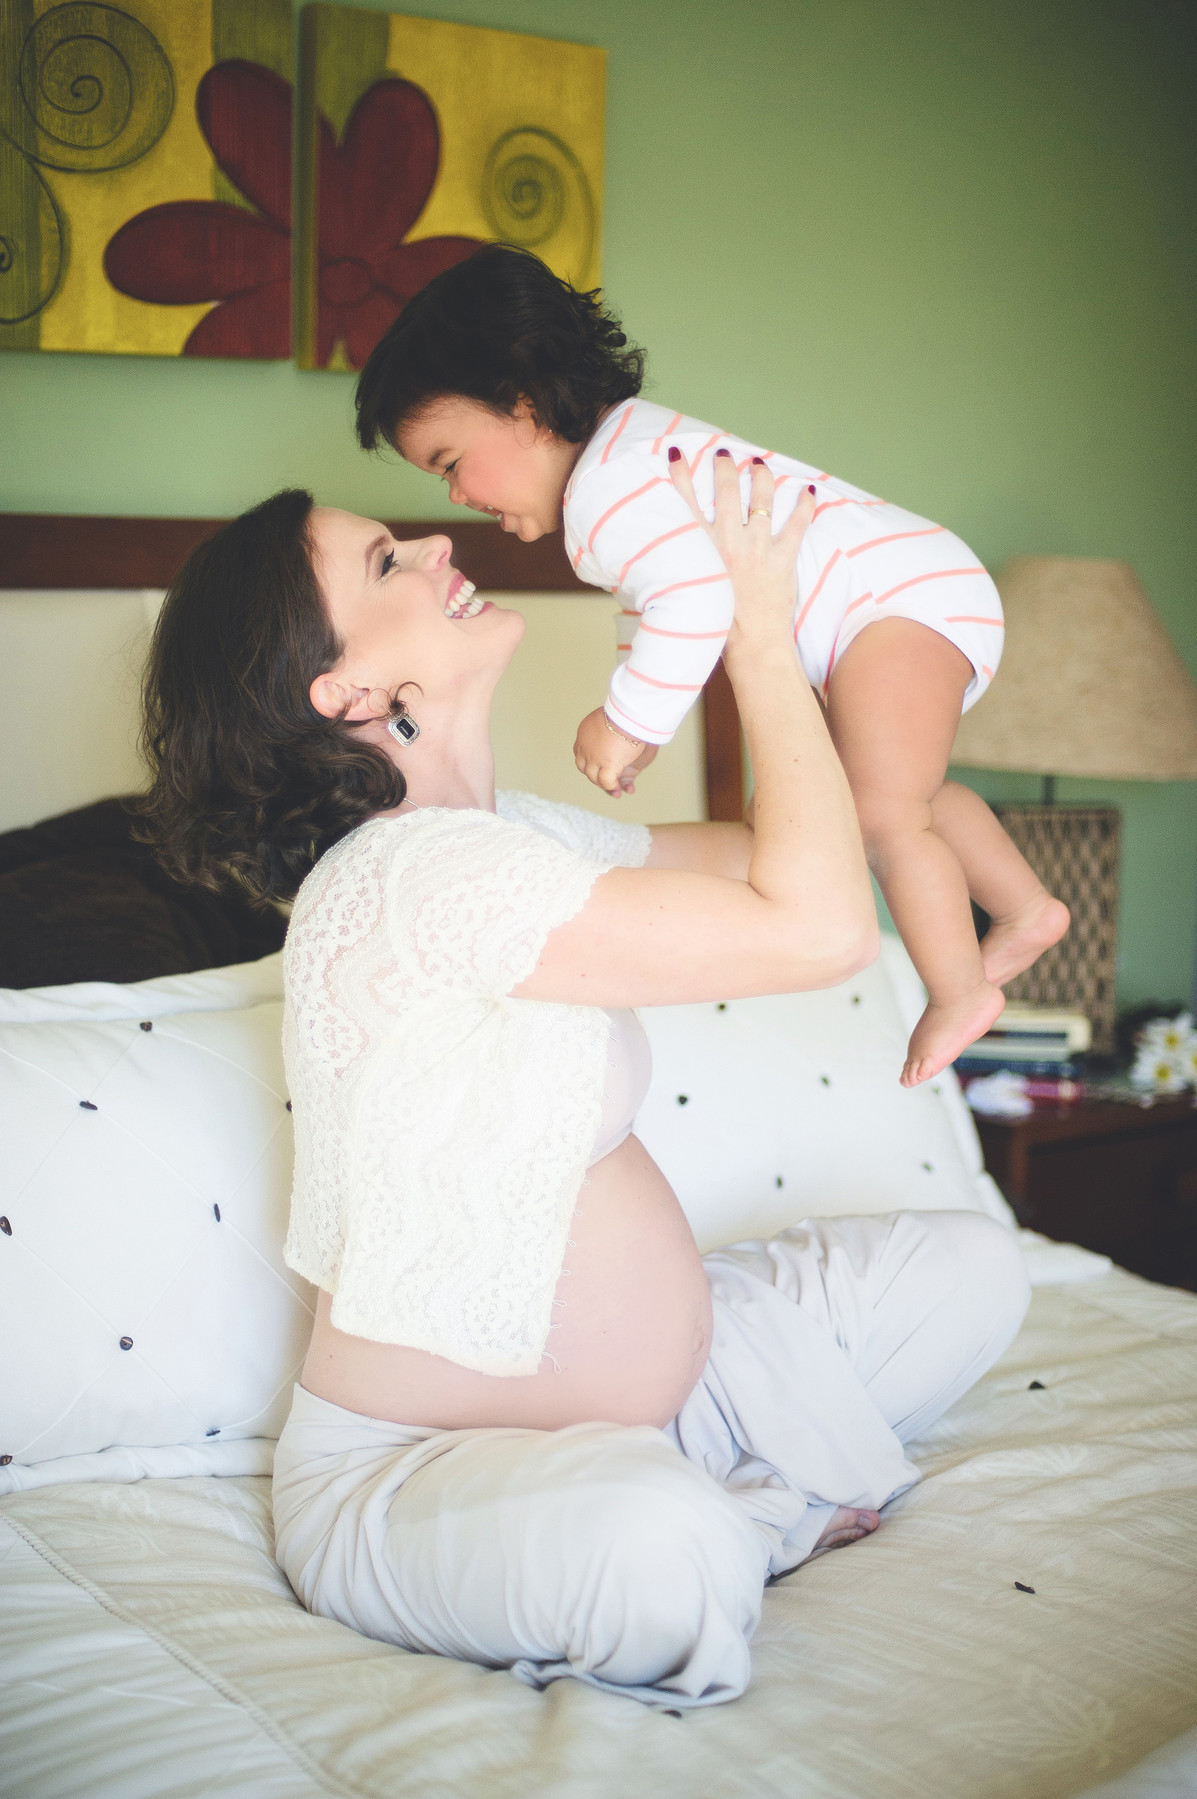 gestante - ensaio gestante - grávida - gestante com filho - caetano - catarina - patricia - são bento do sul - chroma fotografia